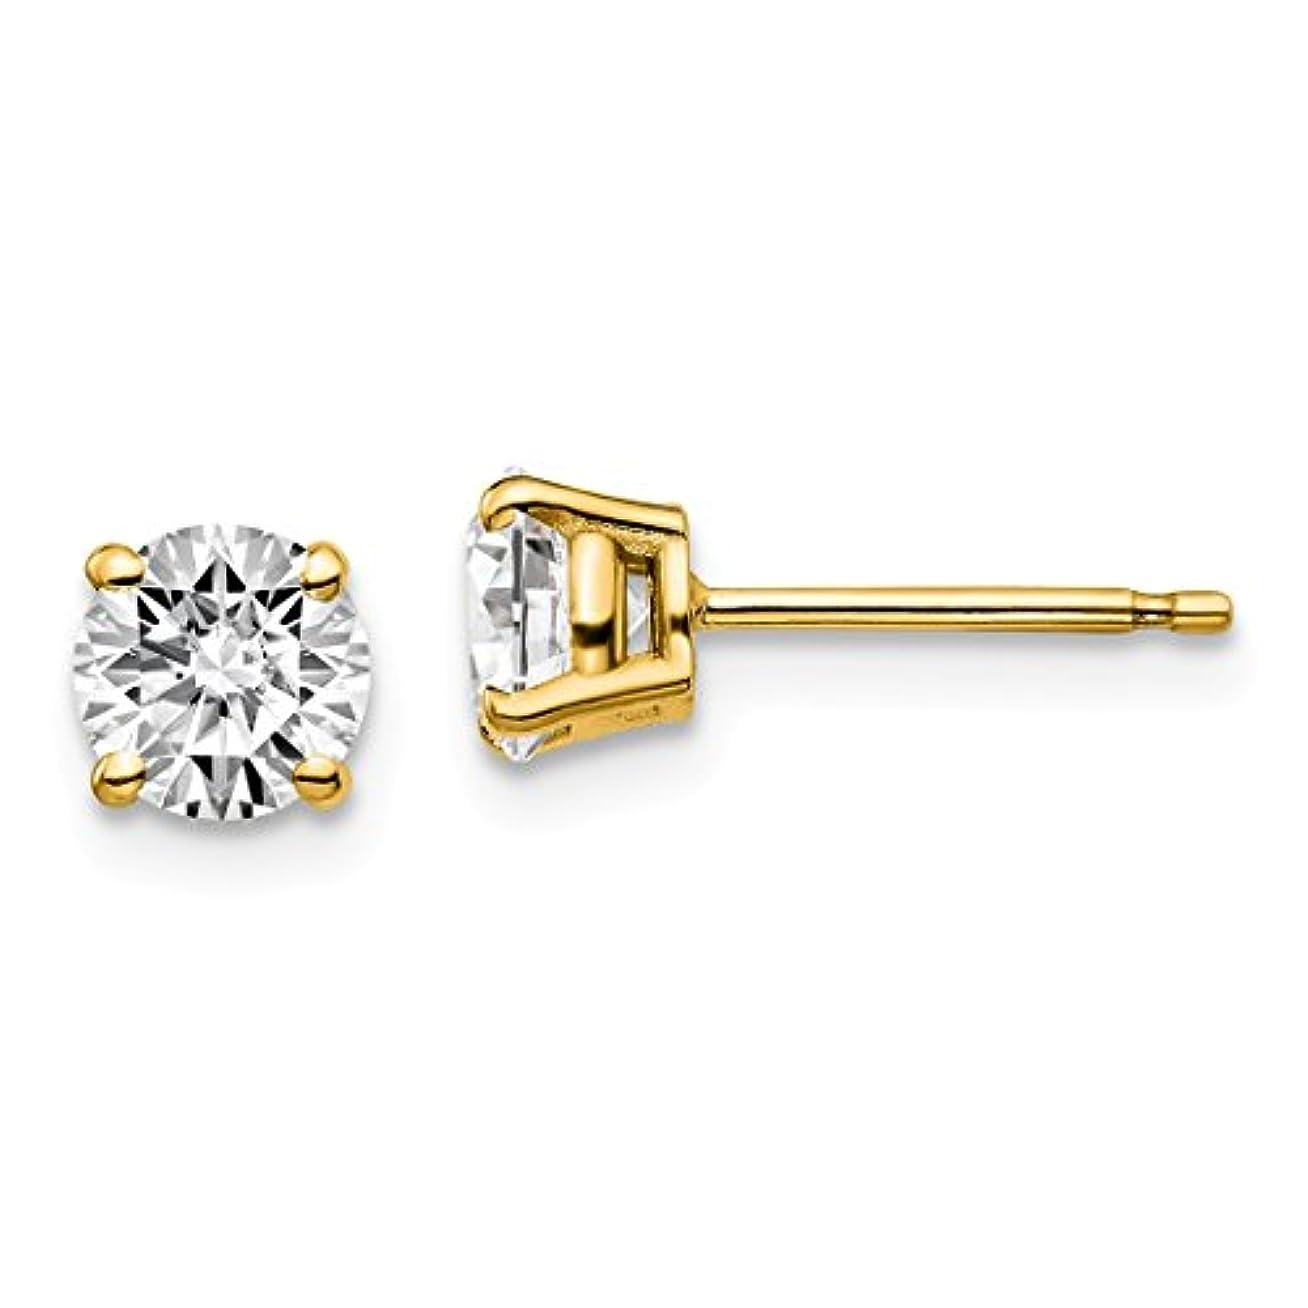 クラシックスペインサービスICE CARATS 14金 イエローゴールド 1ctw Vs/si Def Lab Grown ダイヤモンド 4プロング ポスト スタッド ピアス フリクション バック ファインジュエリー 女性へのギフトに最適